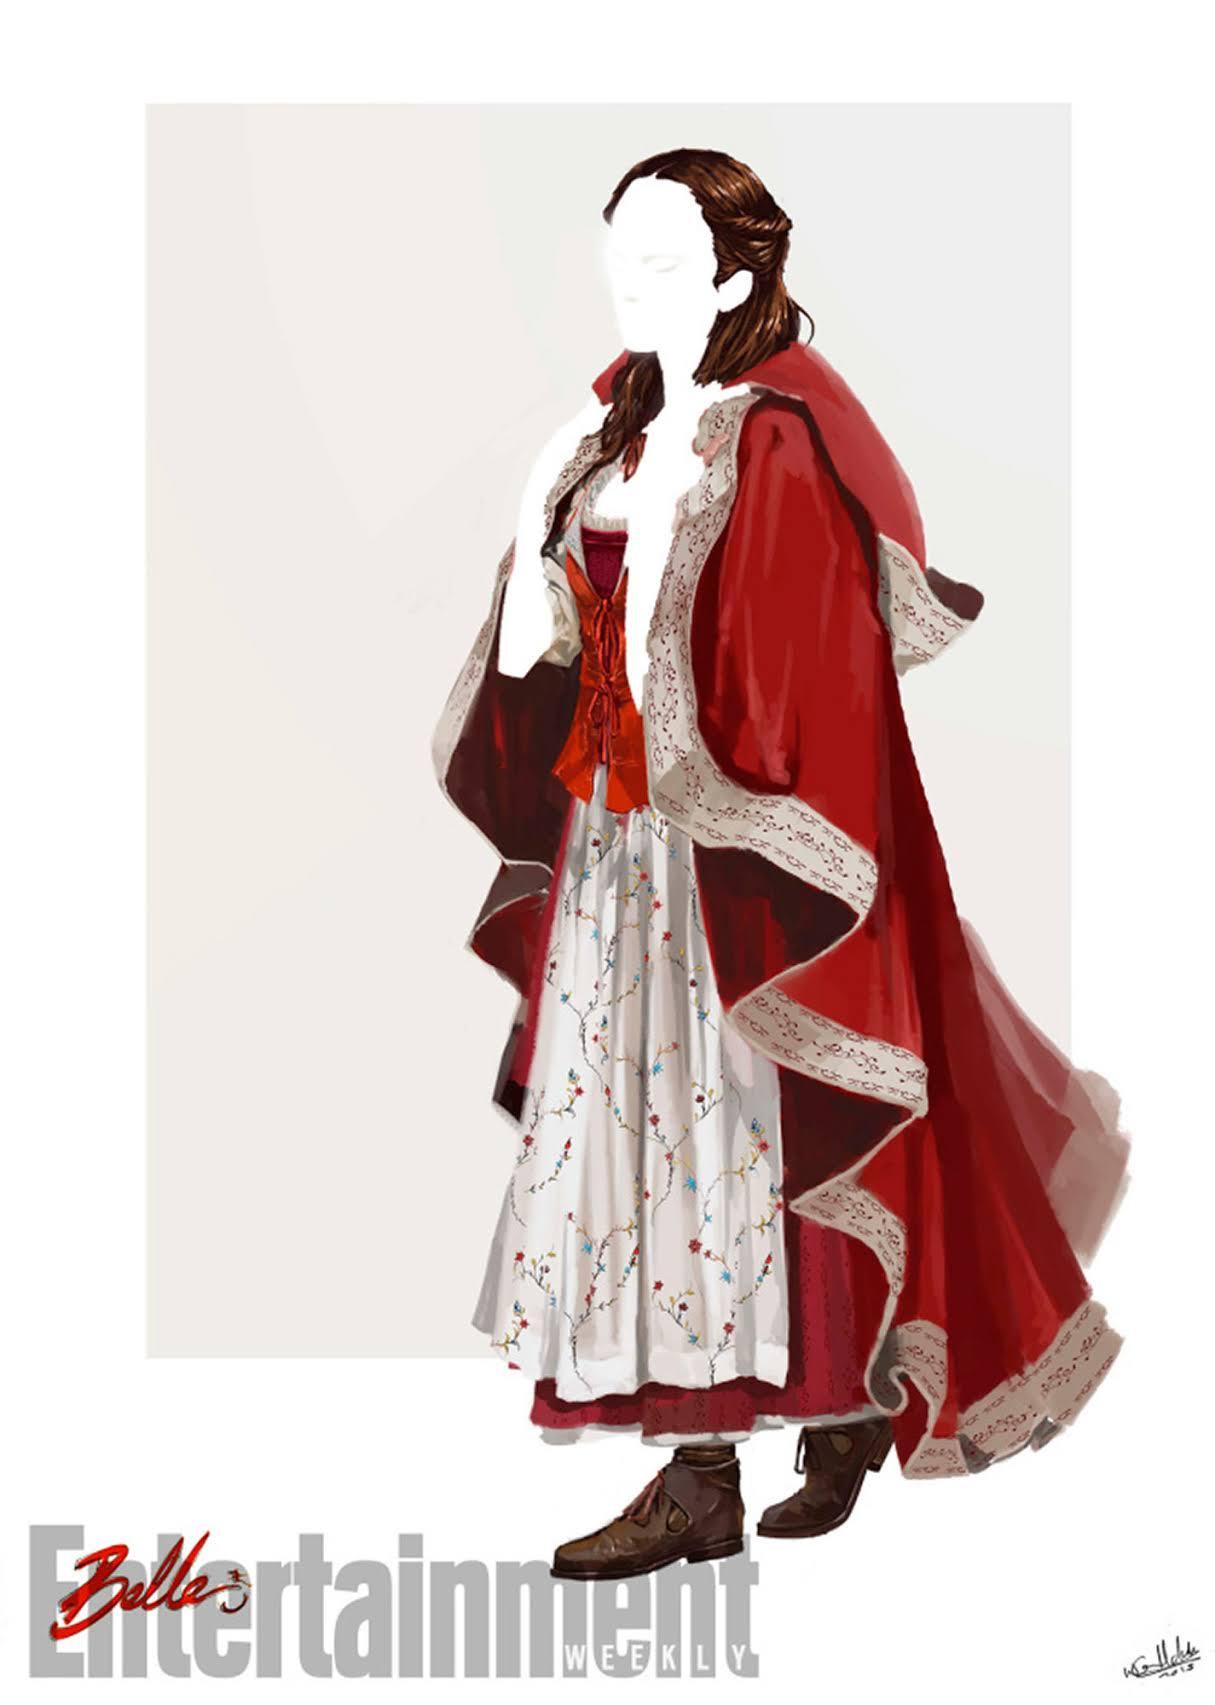 ベルの赤い衣装は環境に優しい素材で制作